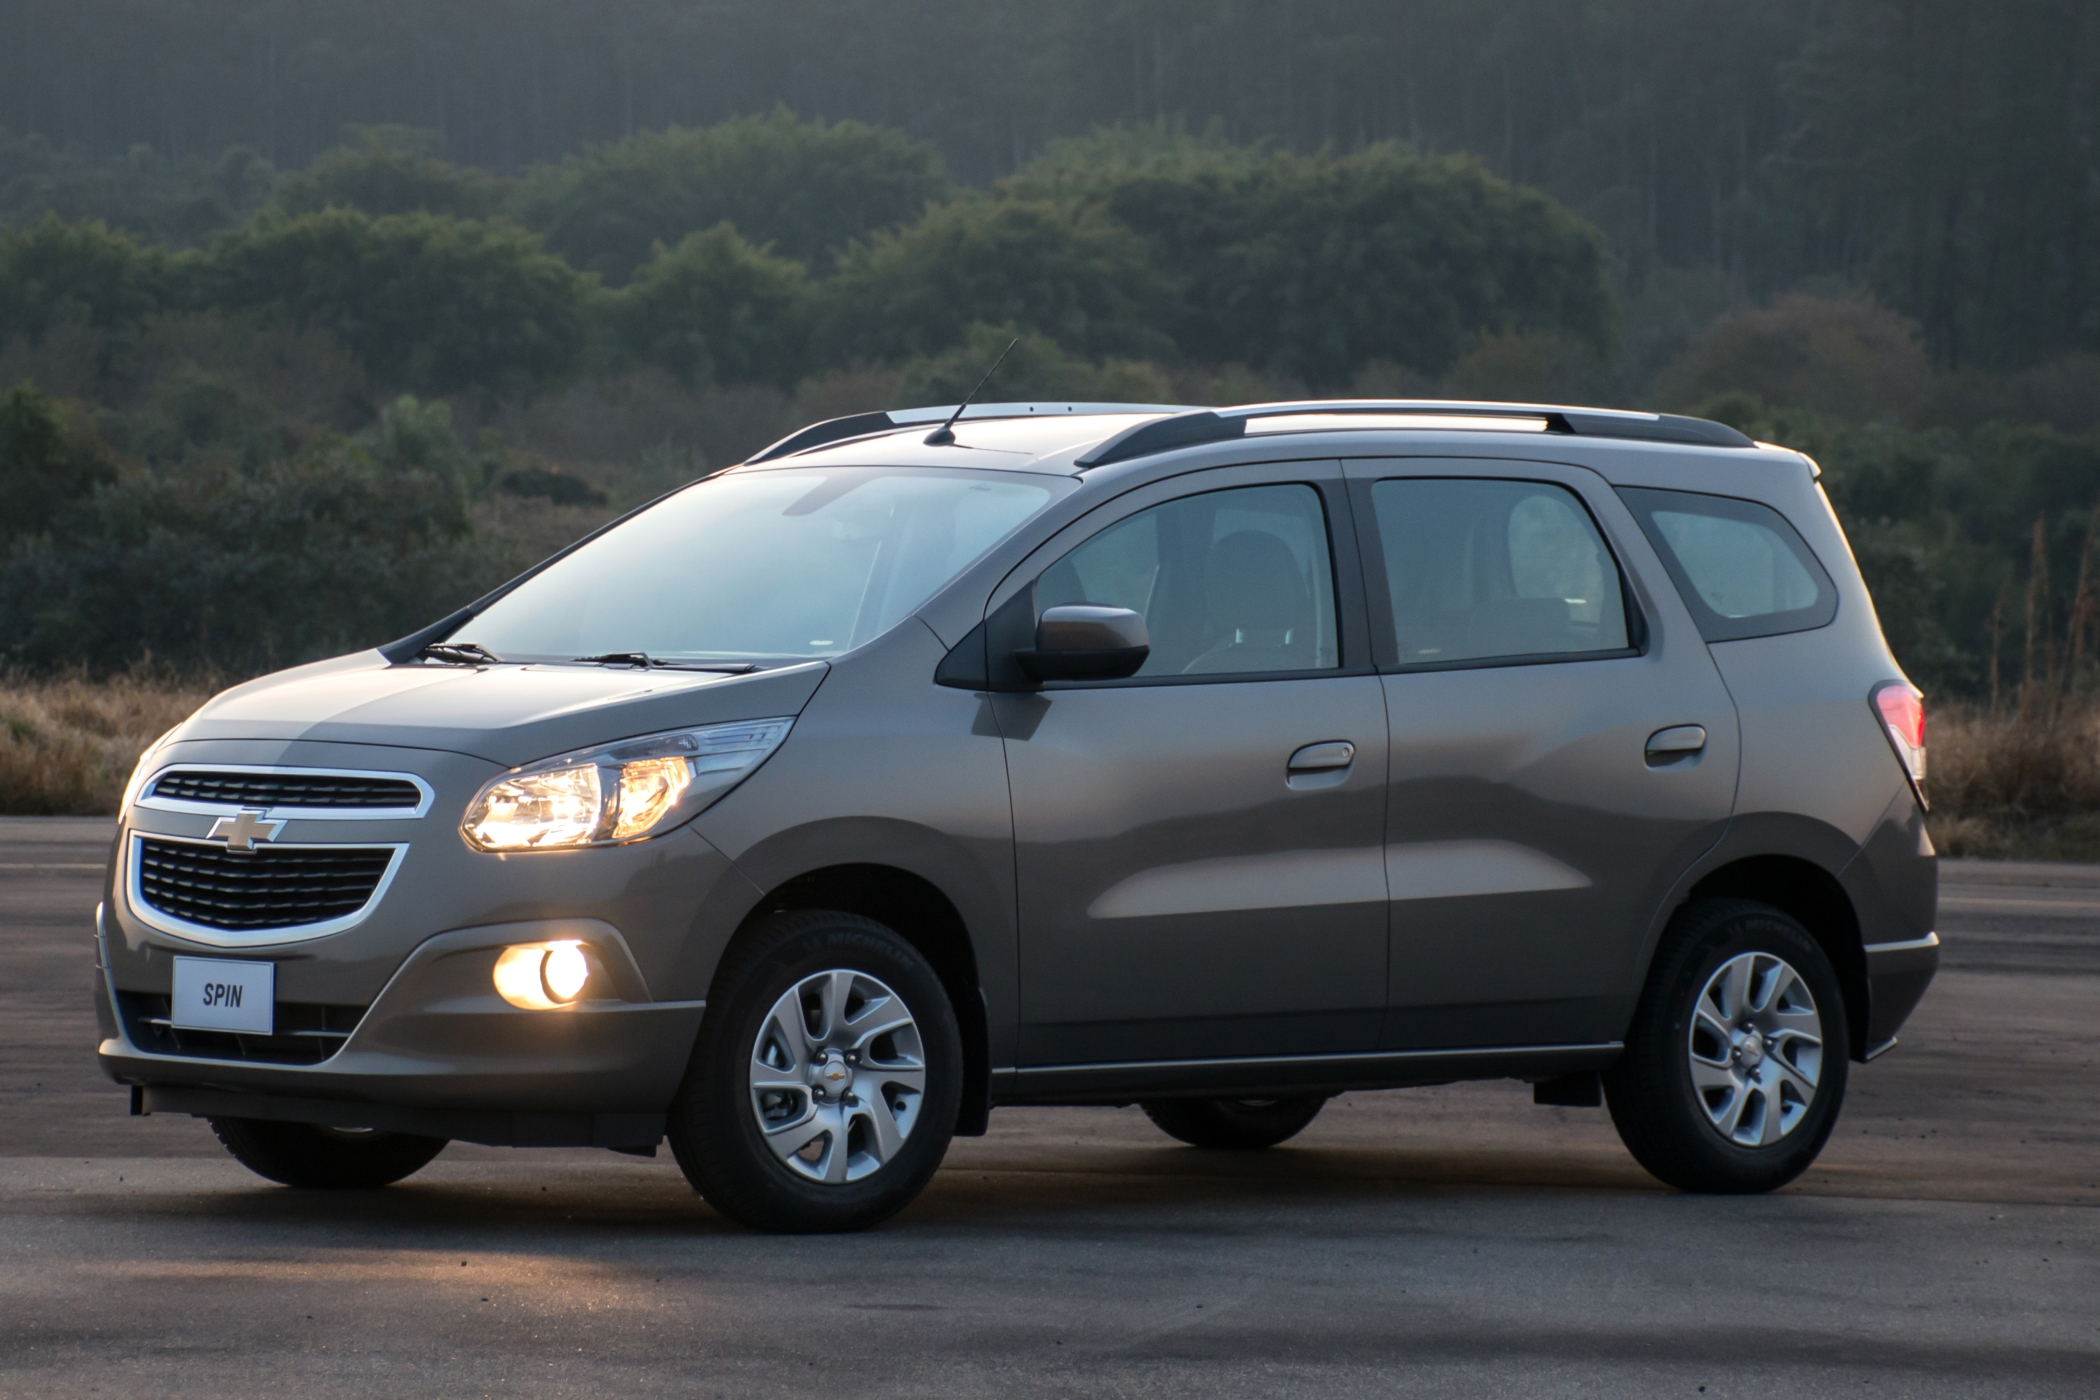 Carros com apelidos animais: Chevrolet Spin é chamada de capivara